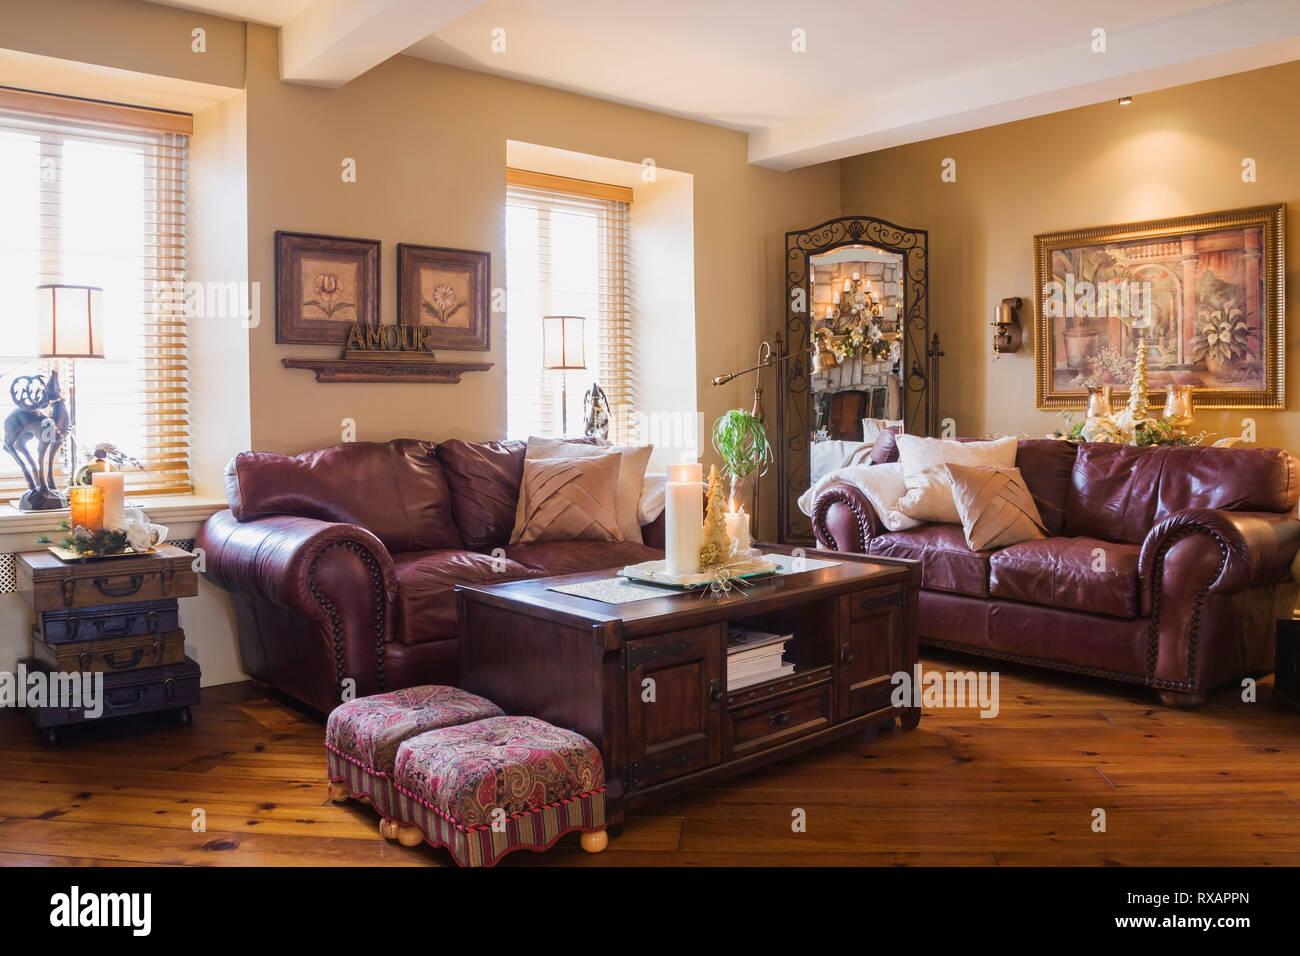 - Leather Sofas Stockfotos & Leather Sofas Bilder - Alamy